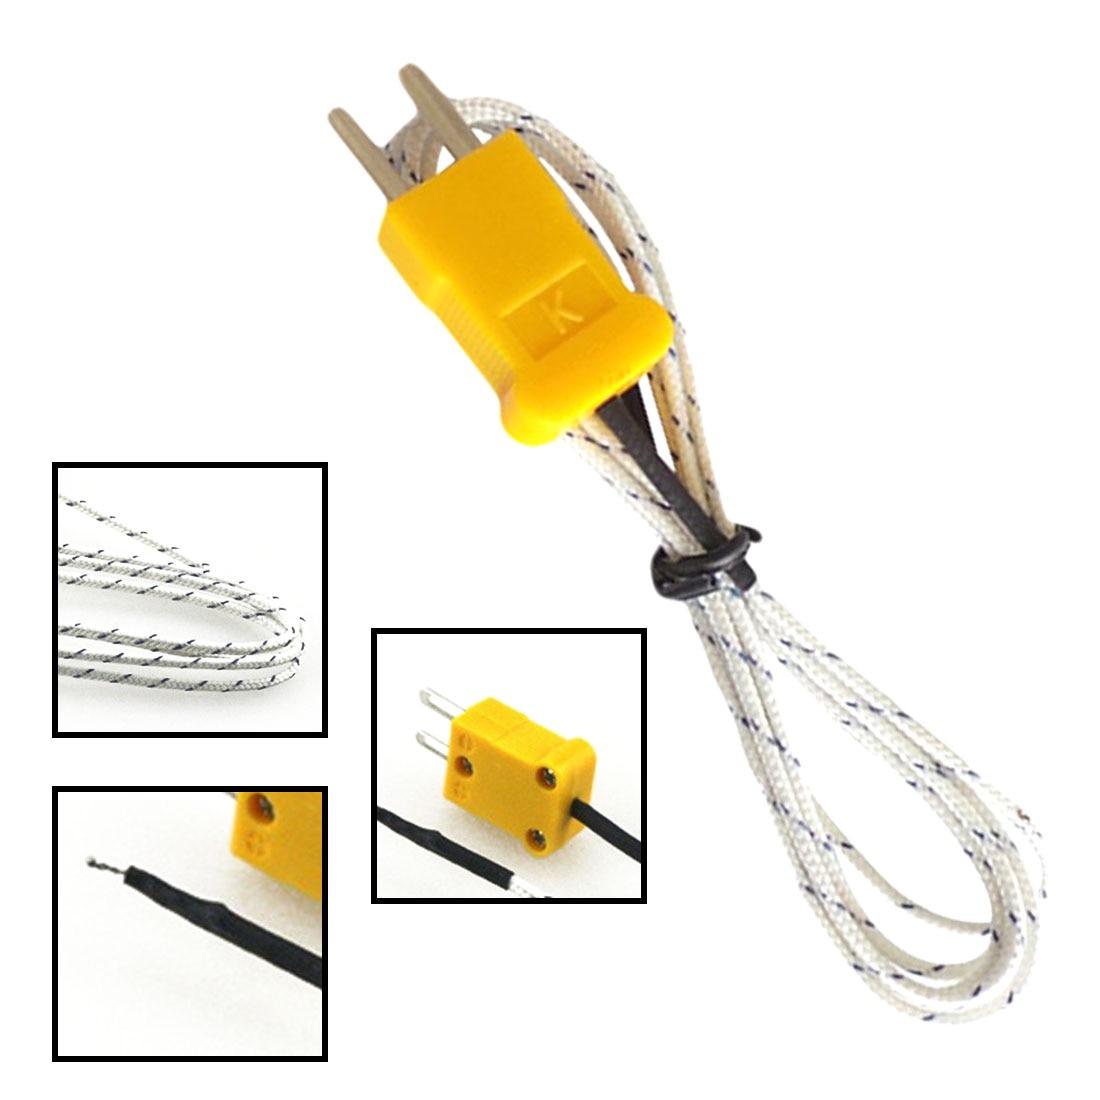 92cm Cable K Type Thermocouple Temperature Measuring Probe Sensor White k type probe m6 x 5mm temperature sensor cable silver 197cm